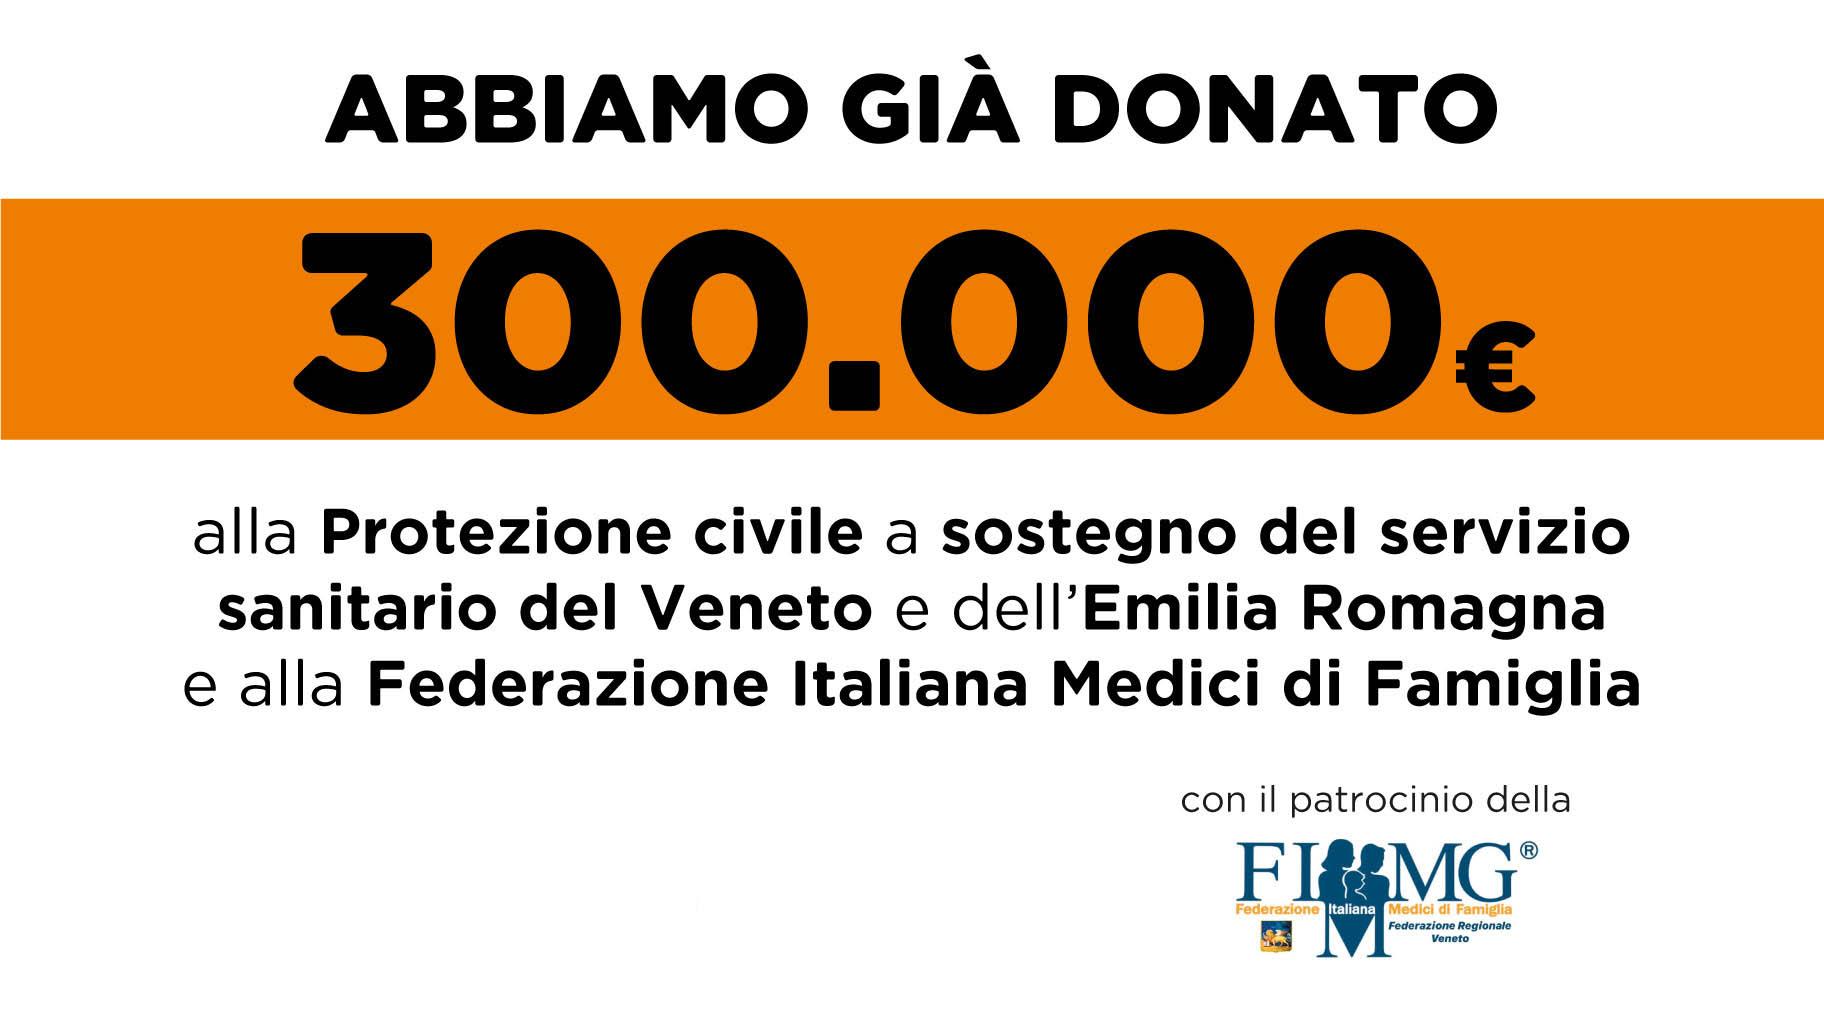 Raccolta fondi a sostegno del Servizio Sanitario del Veneto e dell'Emilia Romagna